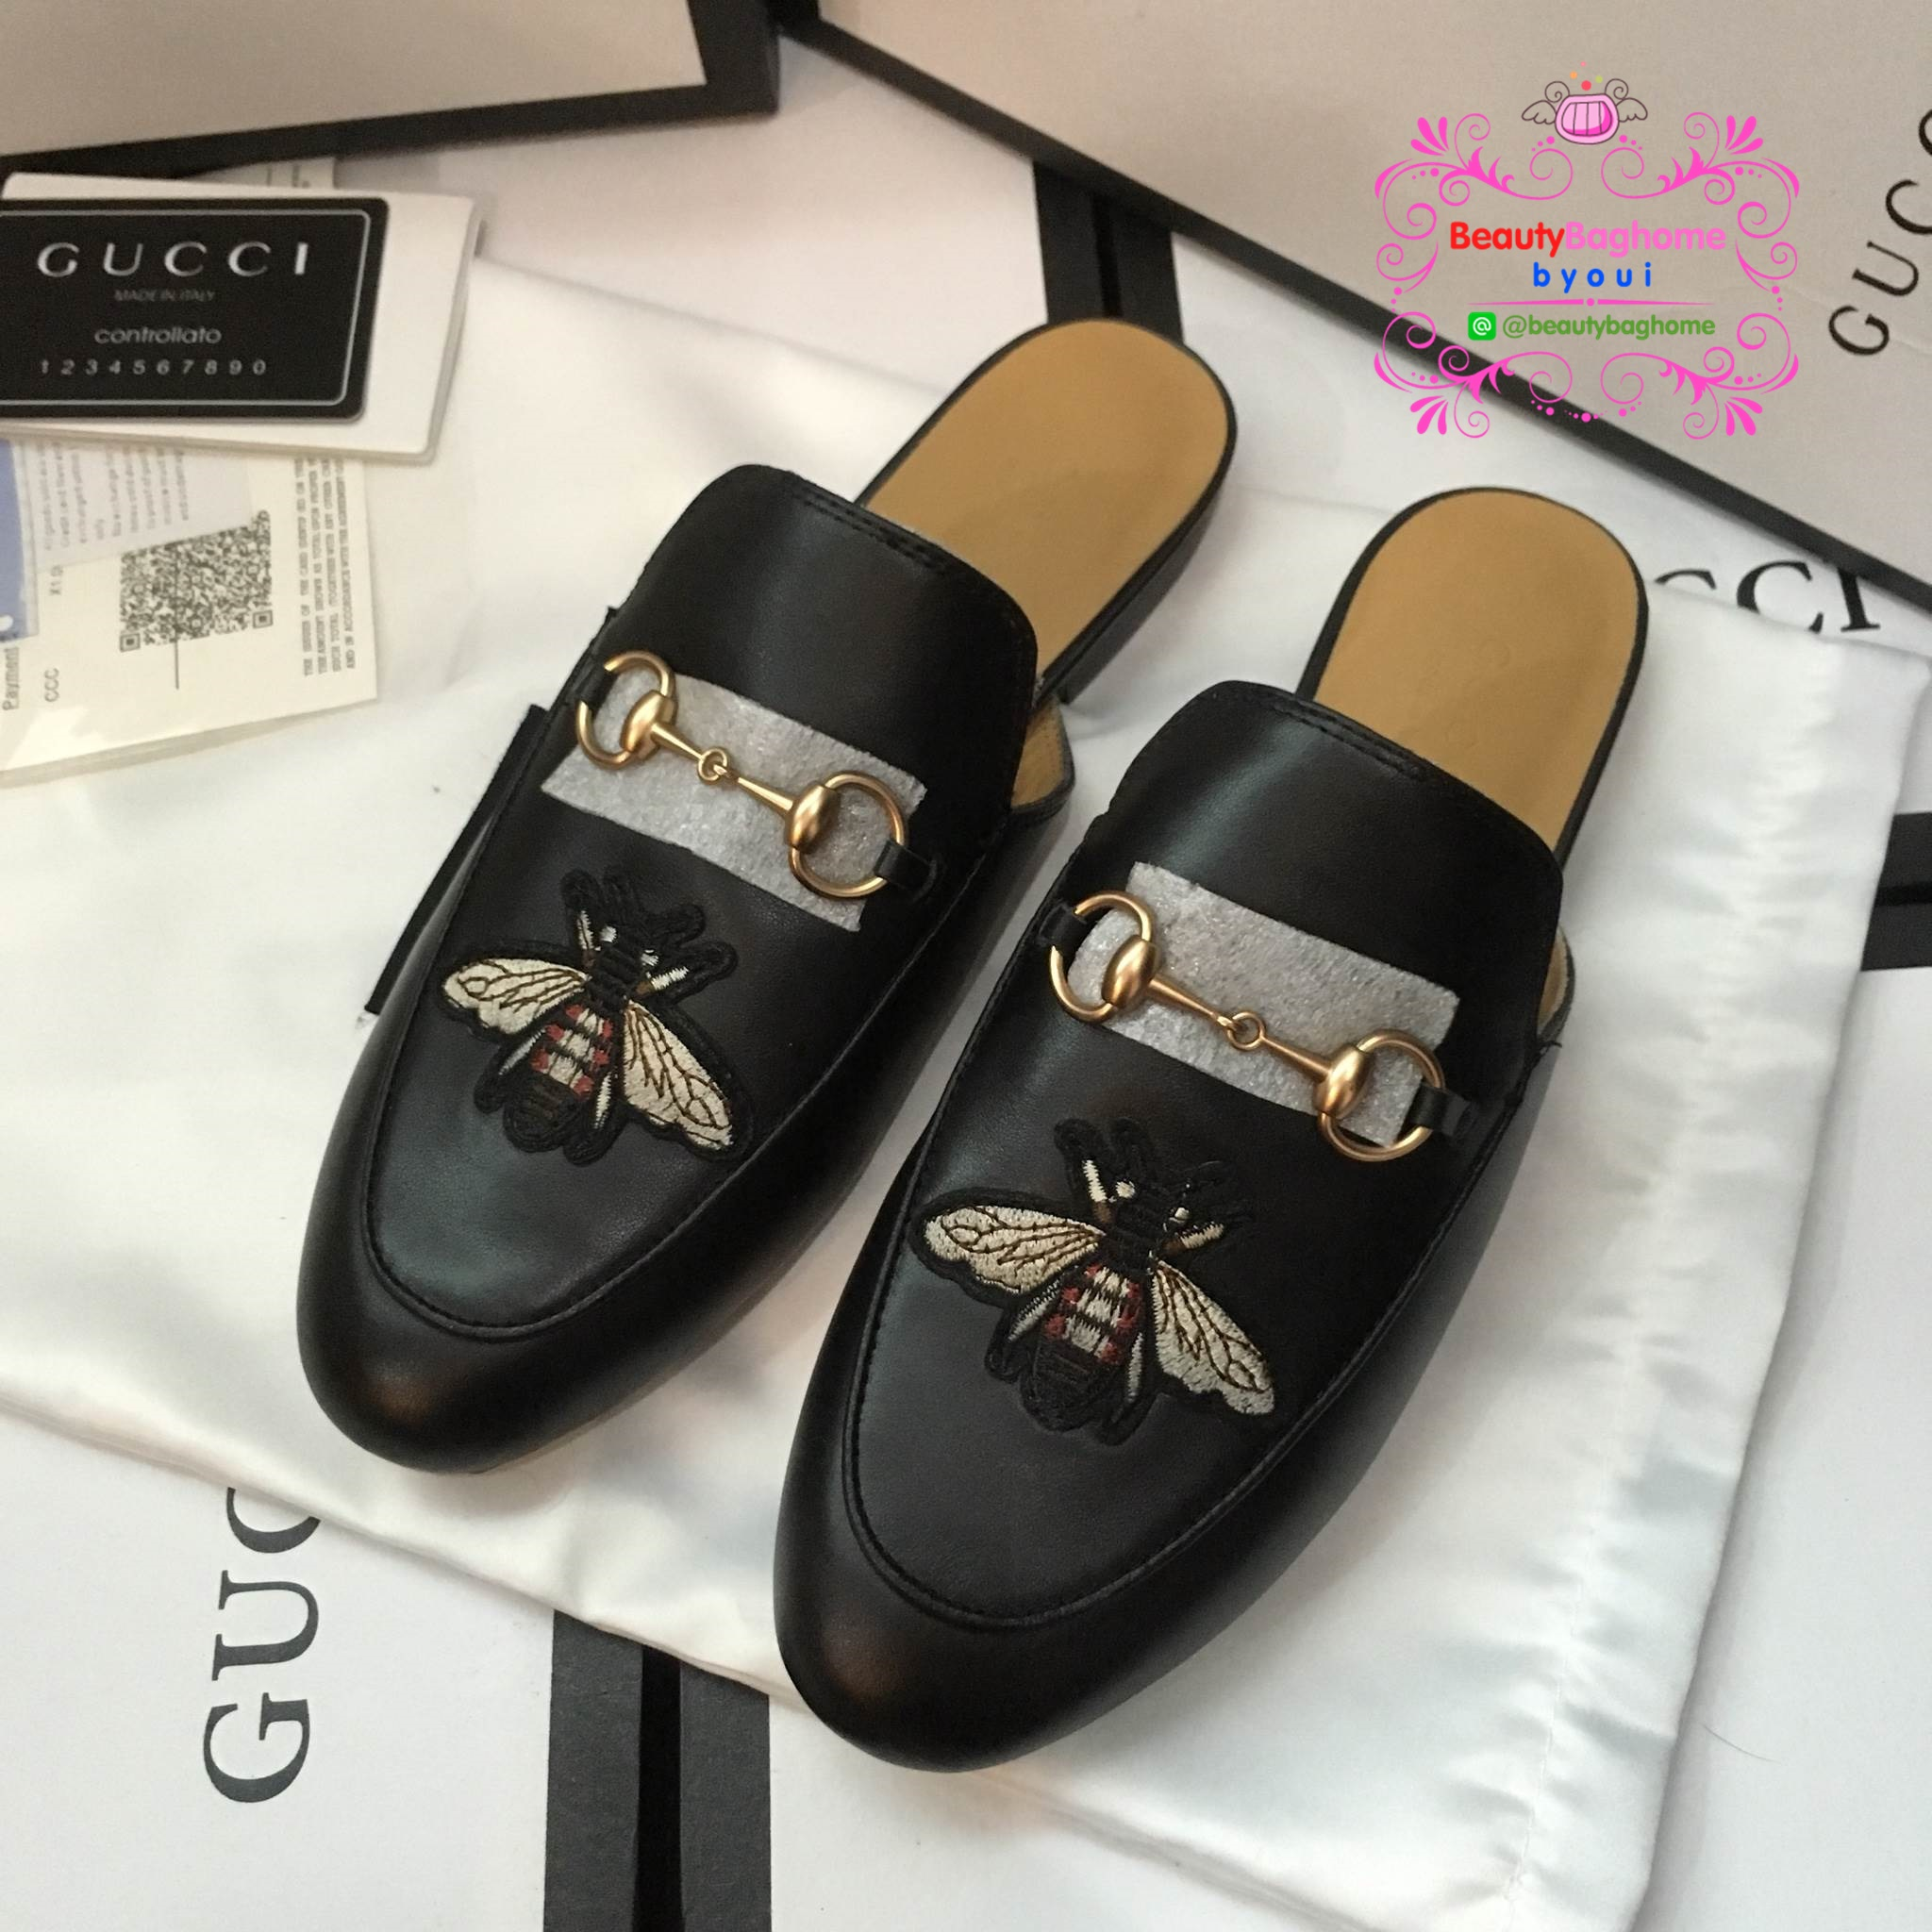 รองเท้า Gucci งานHiend 1:1